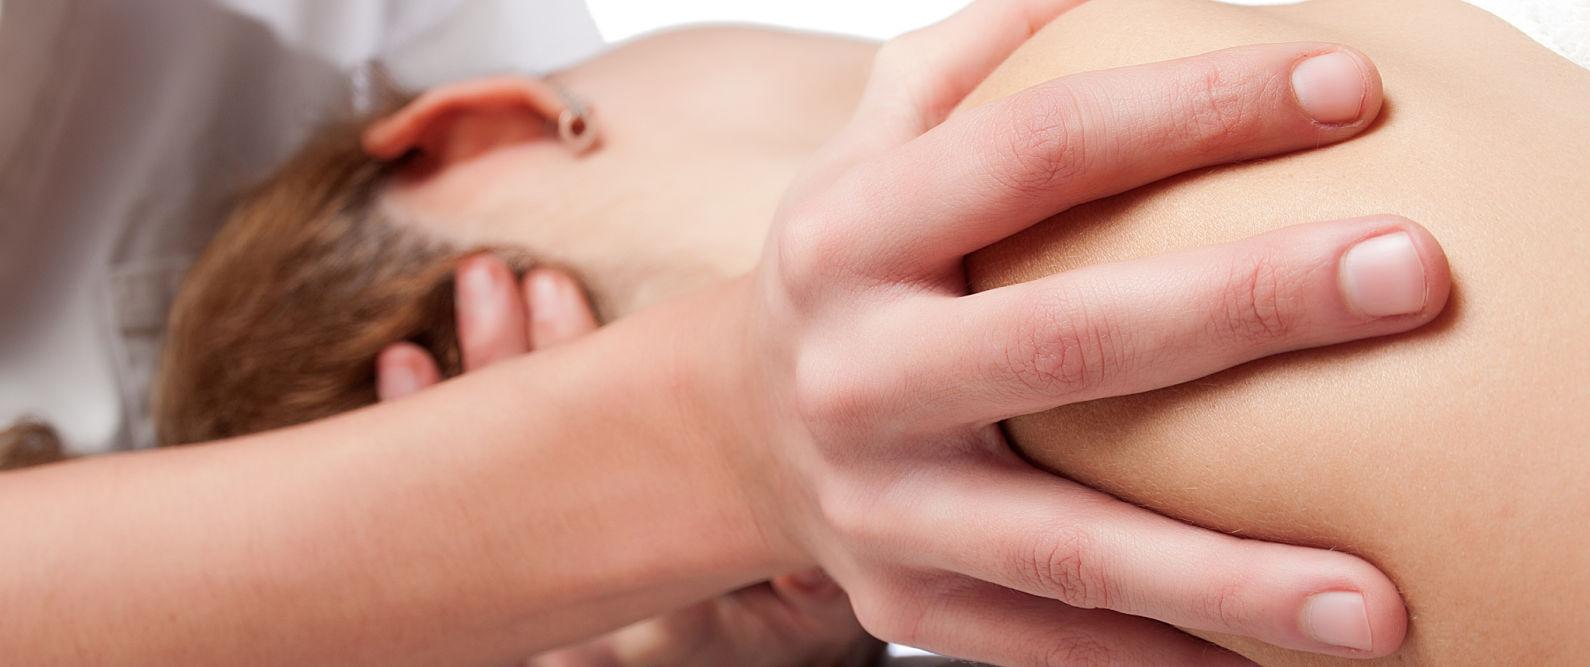 Osteopatia<br>e terapia manuale